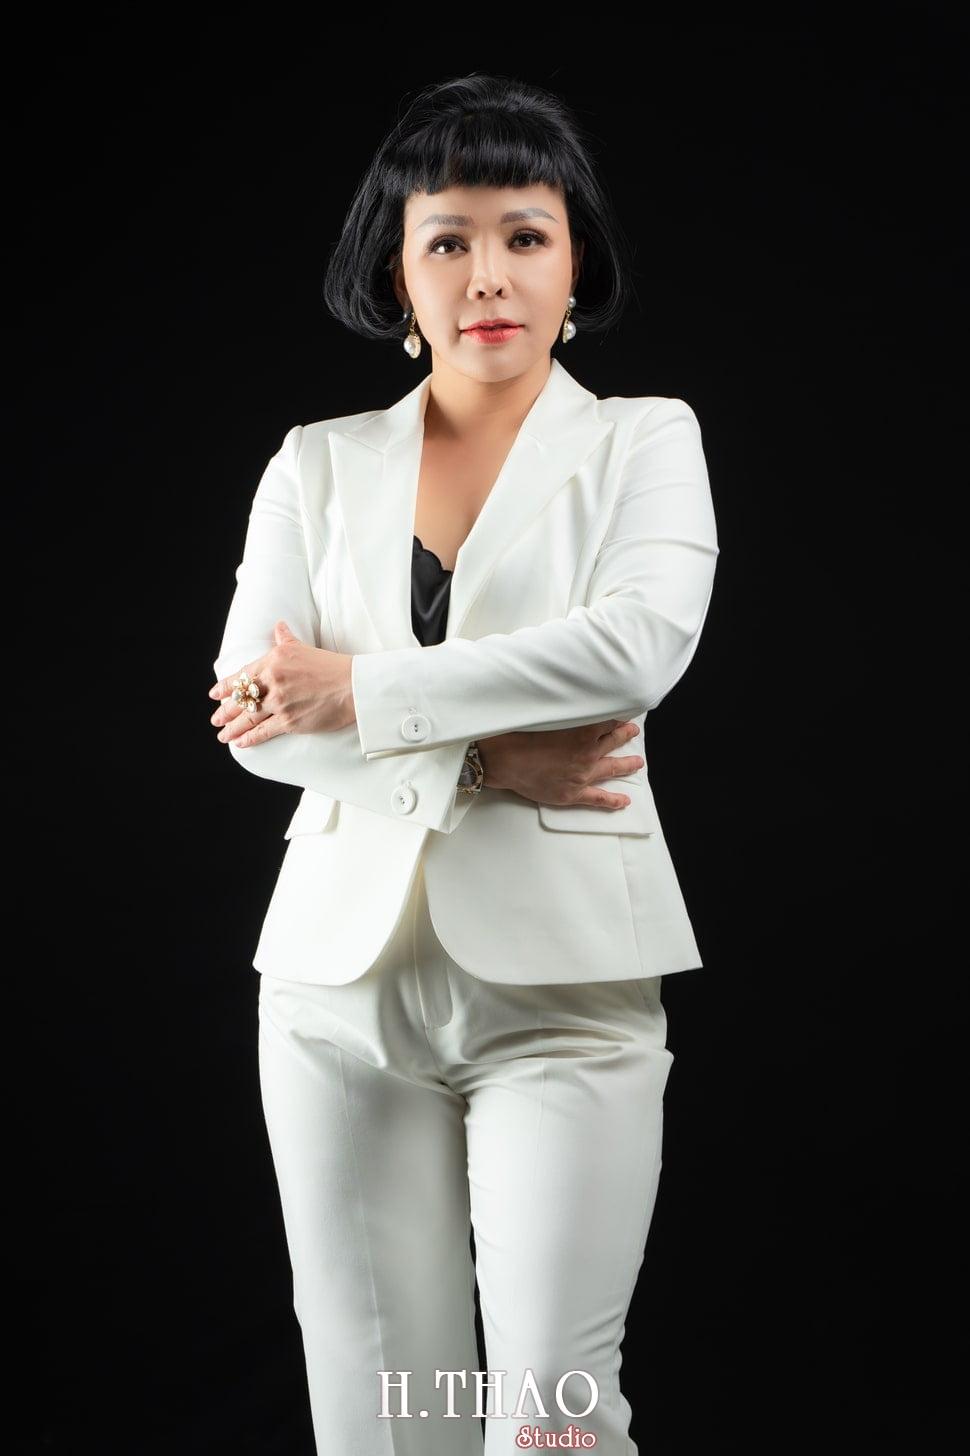 Doanh nhan dao tao 5 - Album nữ doanh nhân ngành đào tạo giải pháp Hoàng Dung